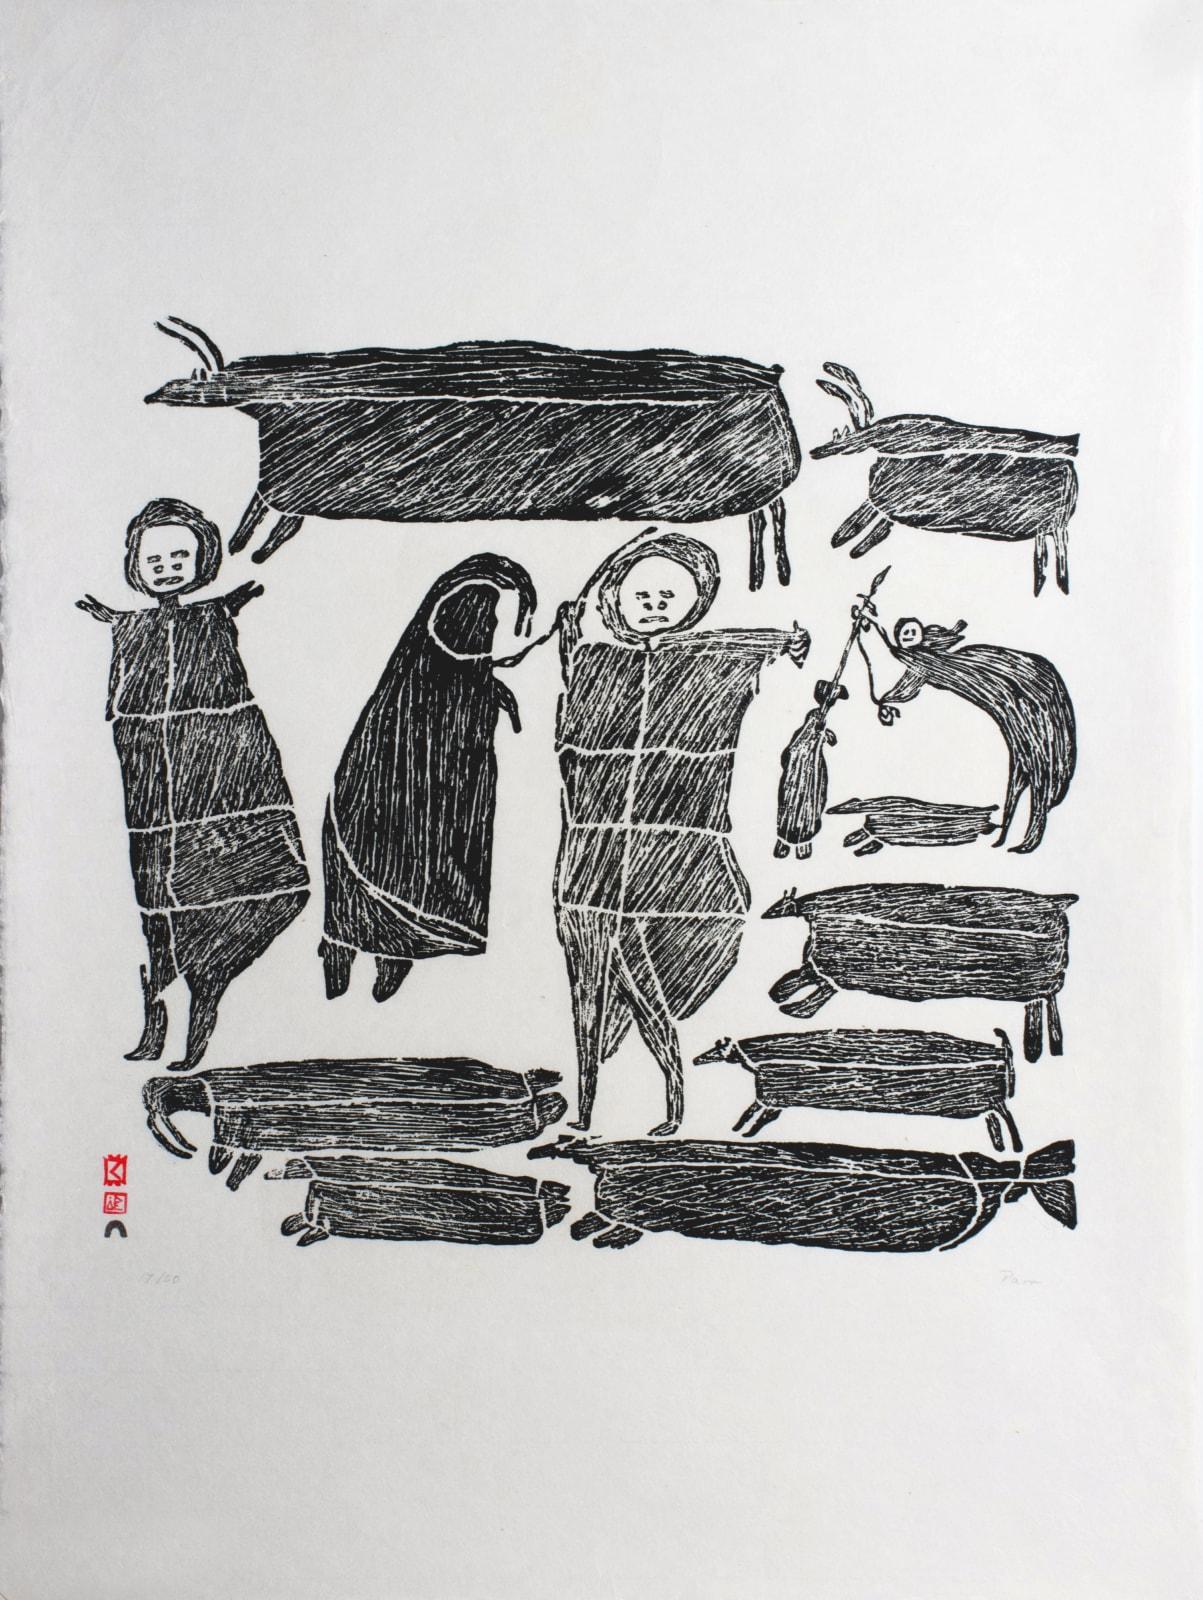 PARR (1893-1969) KINNGAIT (CAPE DORSET) The Hunters, 1962 #70 stonecut, 29.25 x 21 in (74.3 x 53.3 cm) $5,000